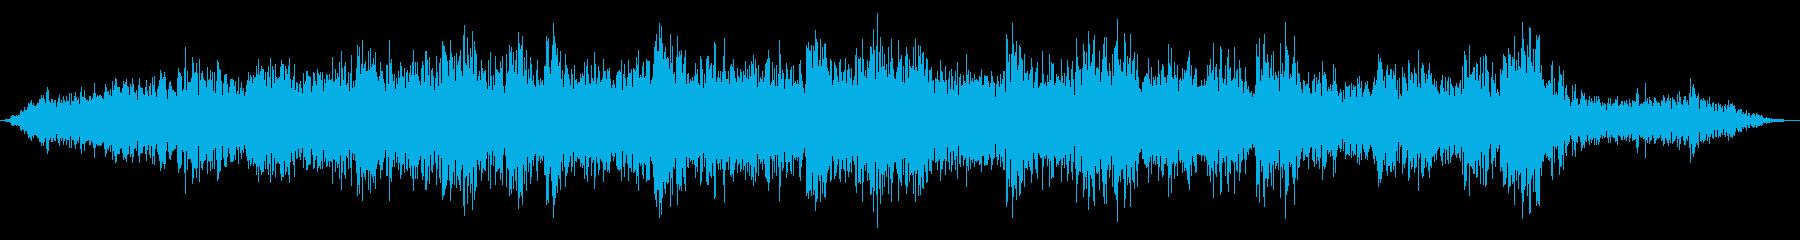 1960キャデラックデビル:Int...の再生済みの波形